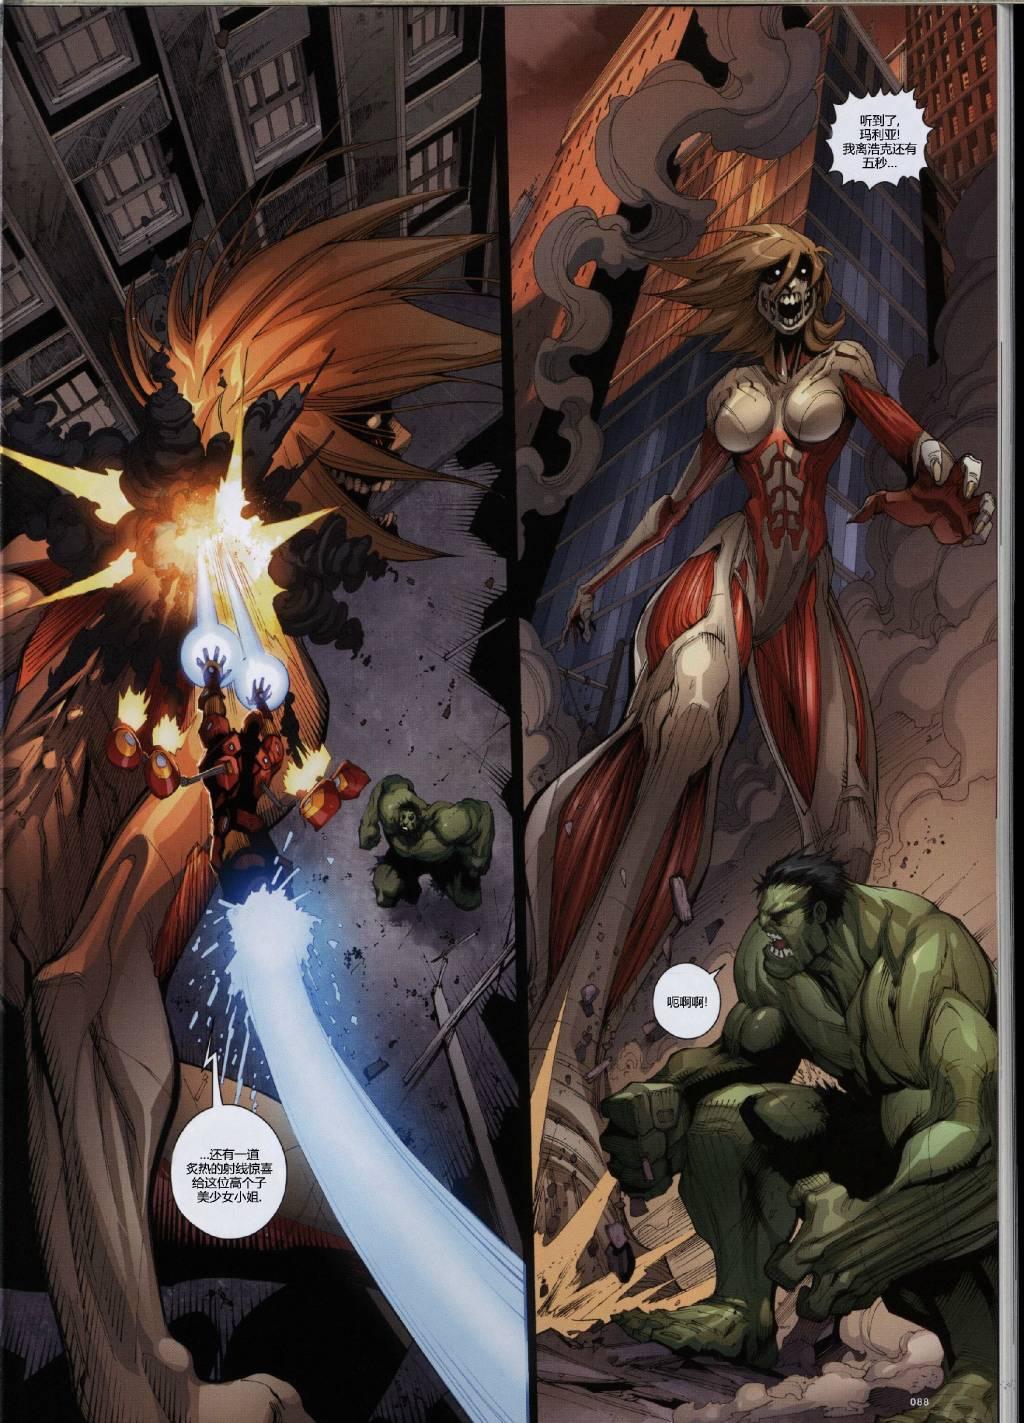 【漫画】复仇者老牛X进击的巨人:进击的复仇者漫画图片联盟图片